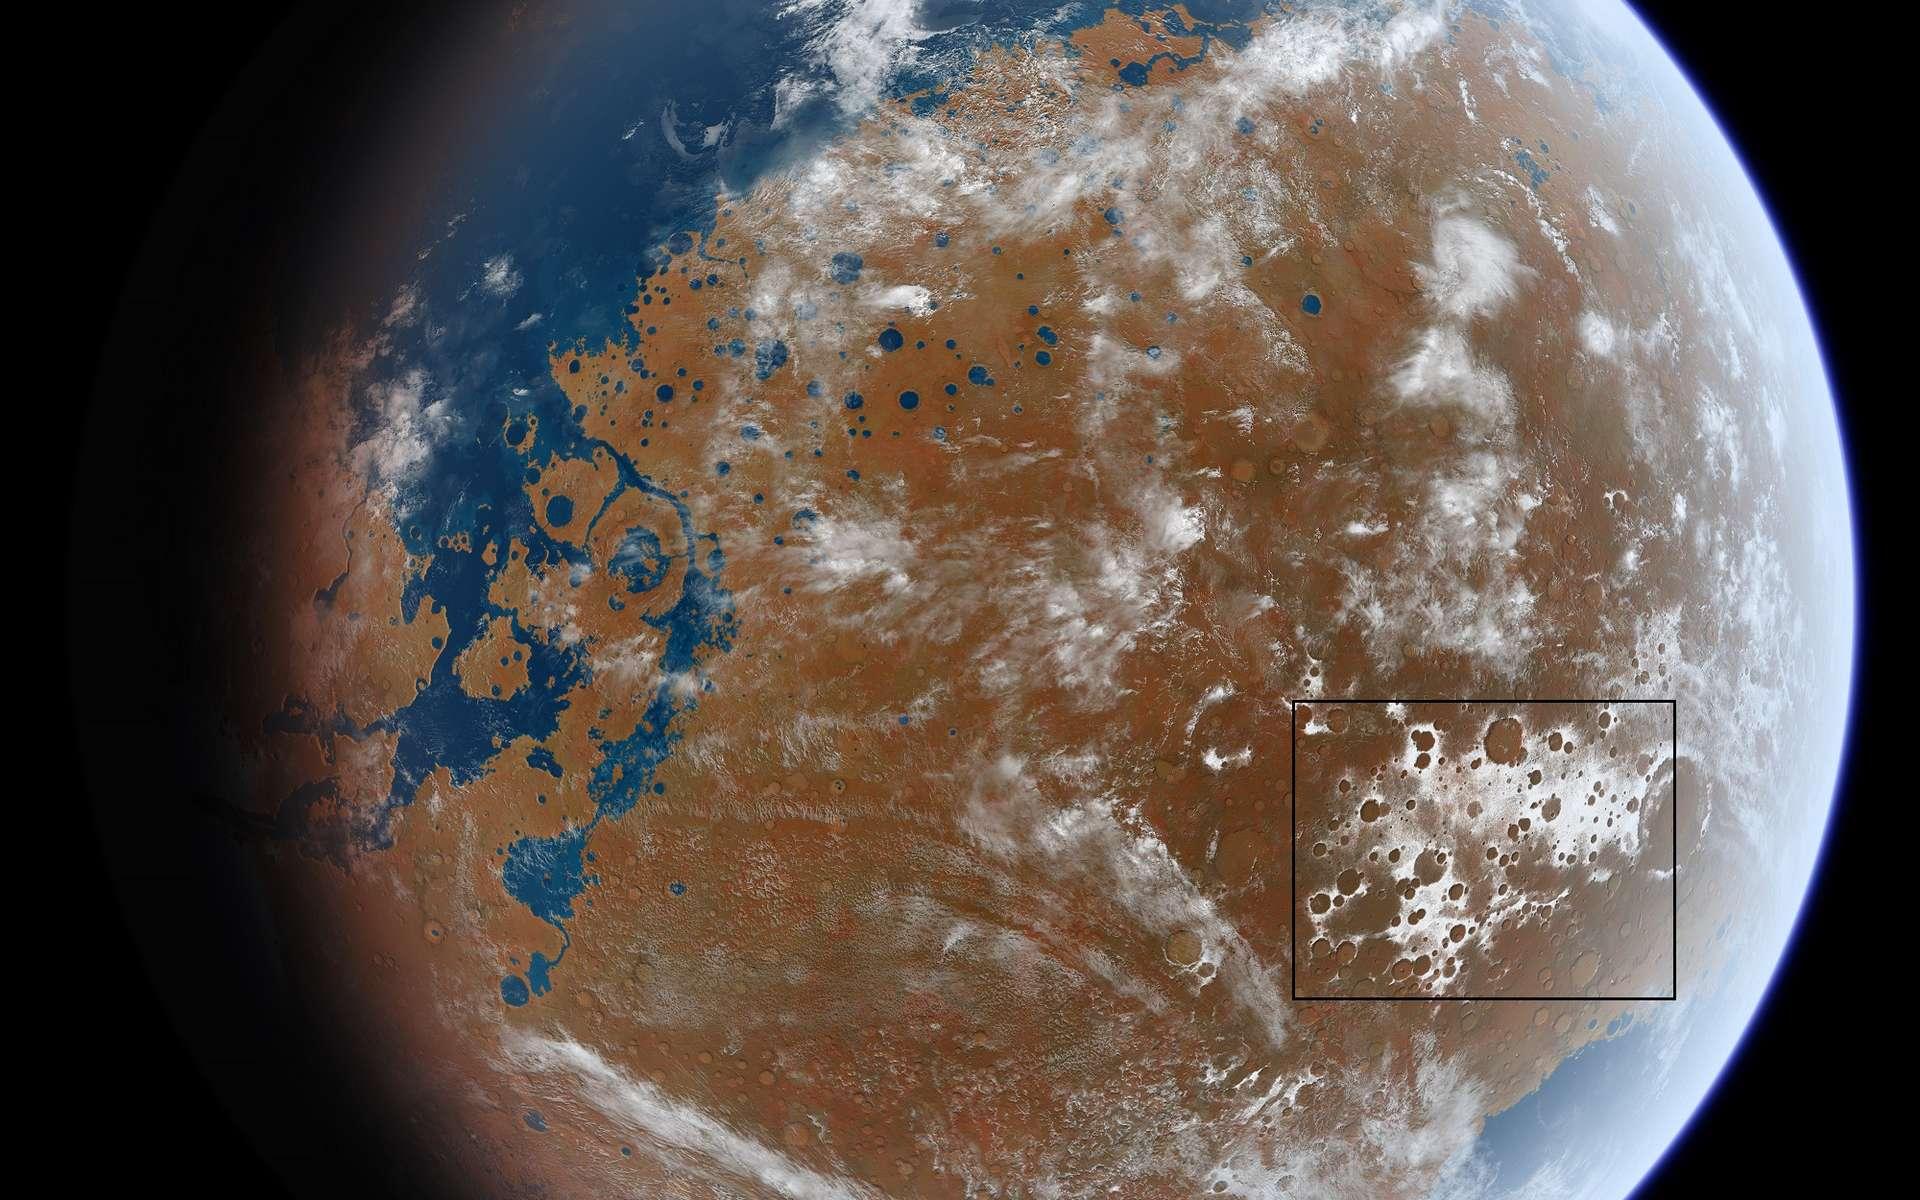 Vue d'artiste de ce à quoi ressemblait Mars il y a 4 milliards d'années, réalisée à partir des marqueurs géologiques identifiés sur la planète et des simulations climatiques. La zone encadrée correspond à la région de Terra Sabaea, où les modèles prédisent des dépôts de glace et où Alex Bouquety et ses collègues ont effectivement découvert des paysages glaciaires anciens. © Ittiz, CC by-sa 3.0